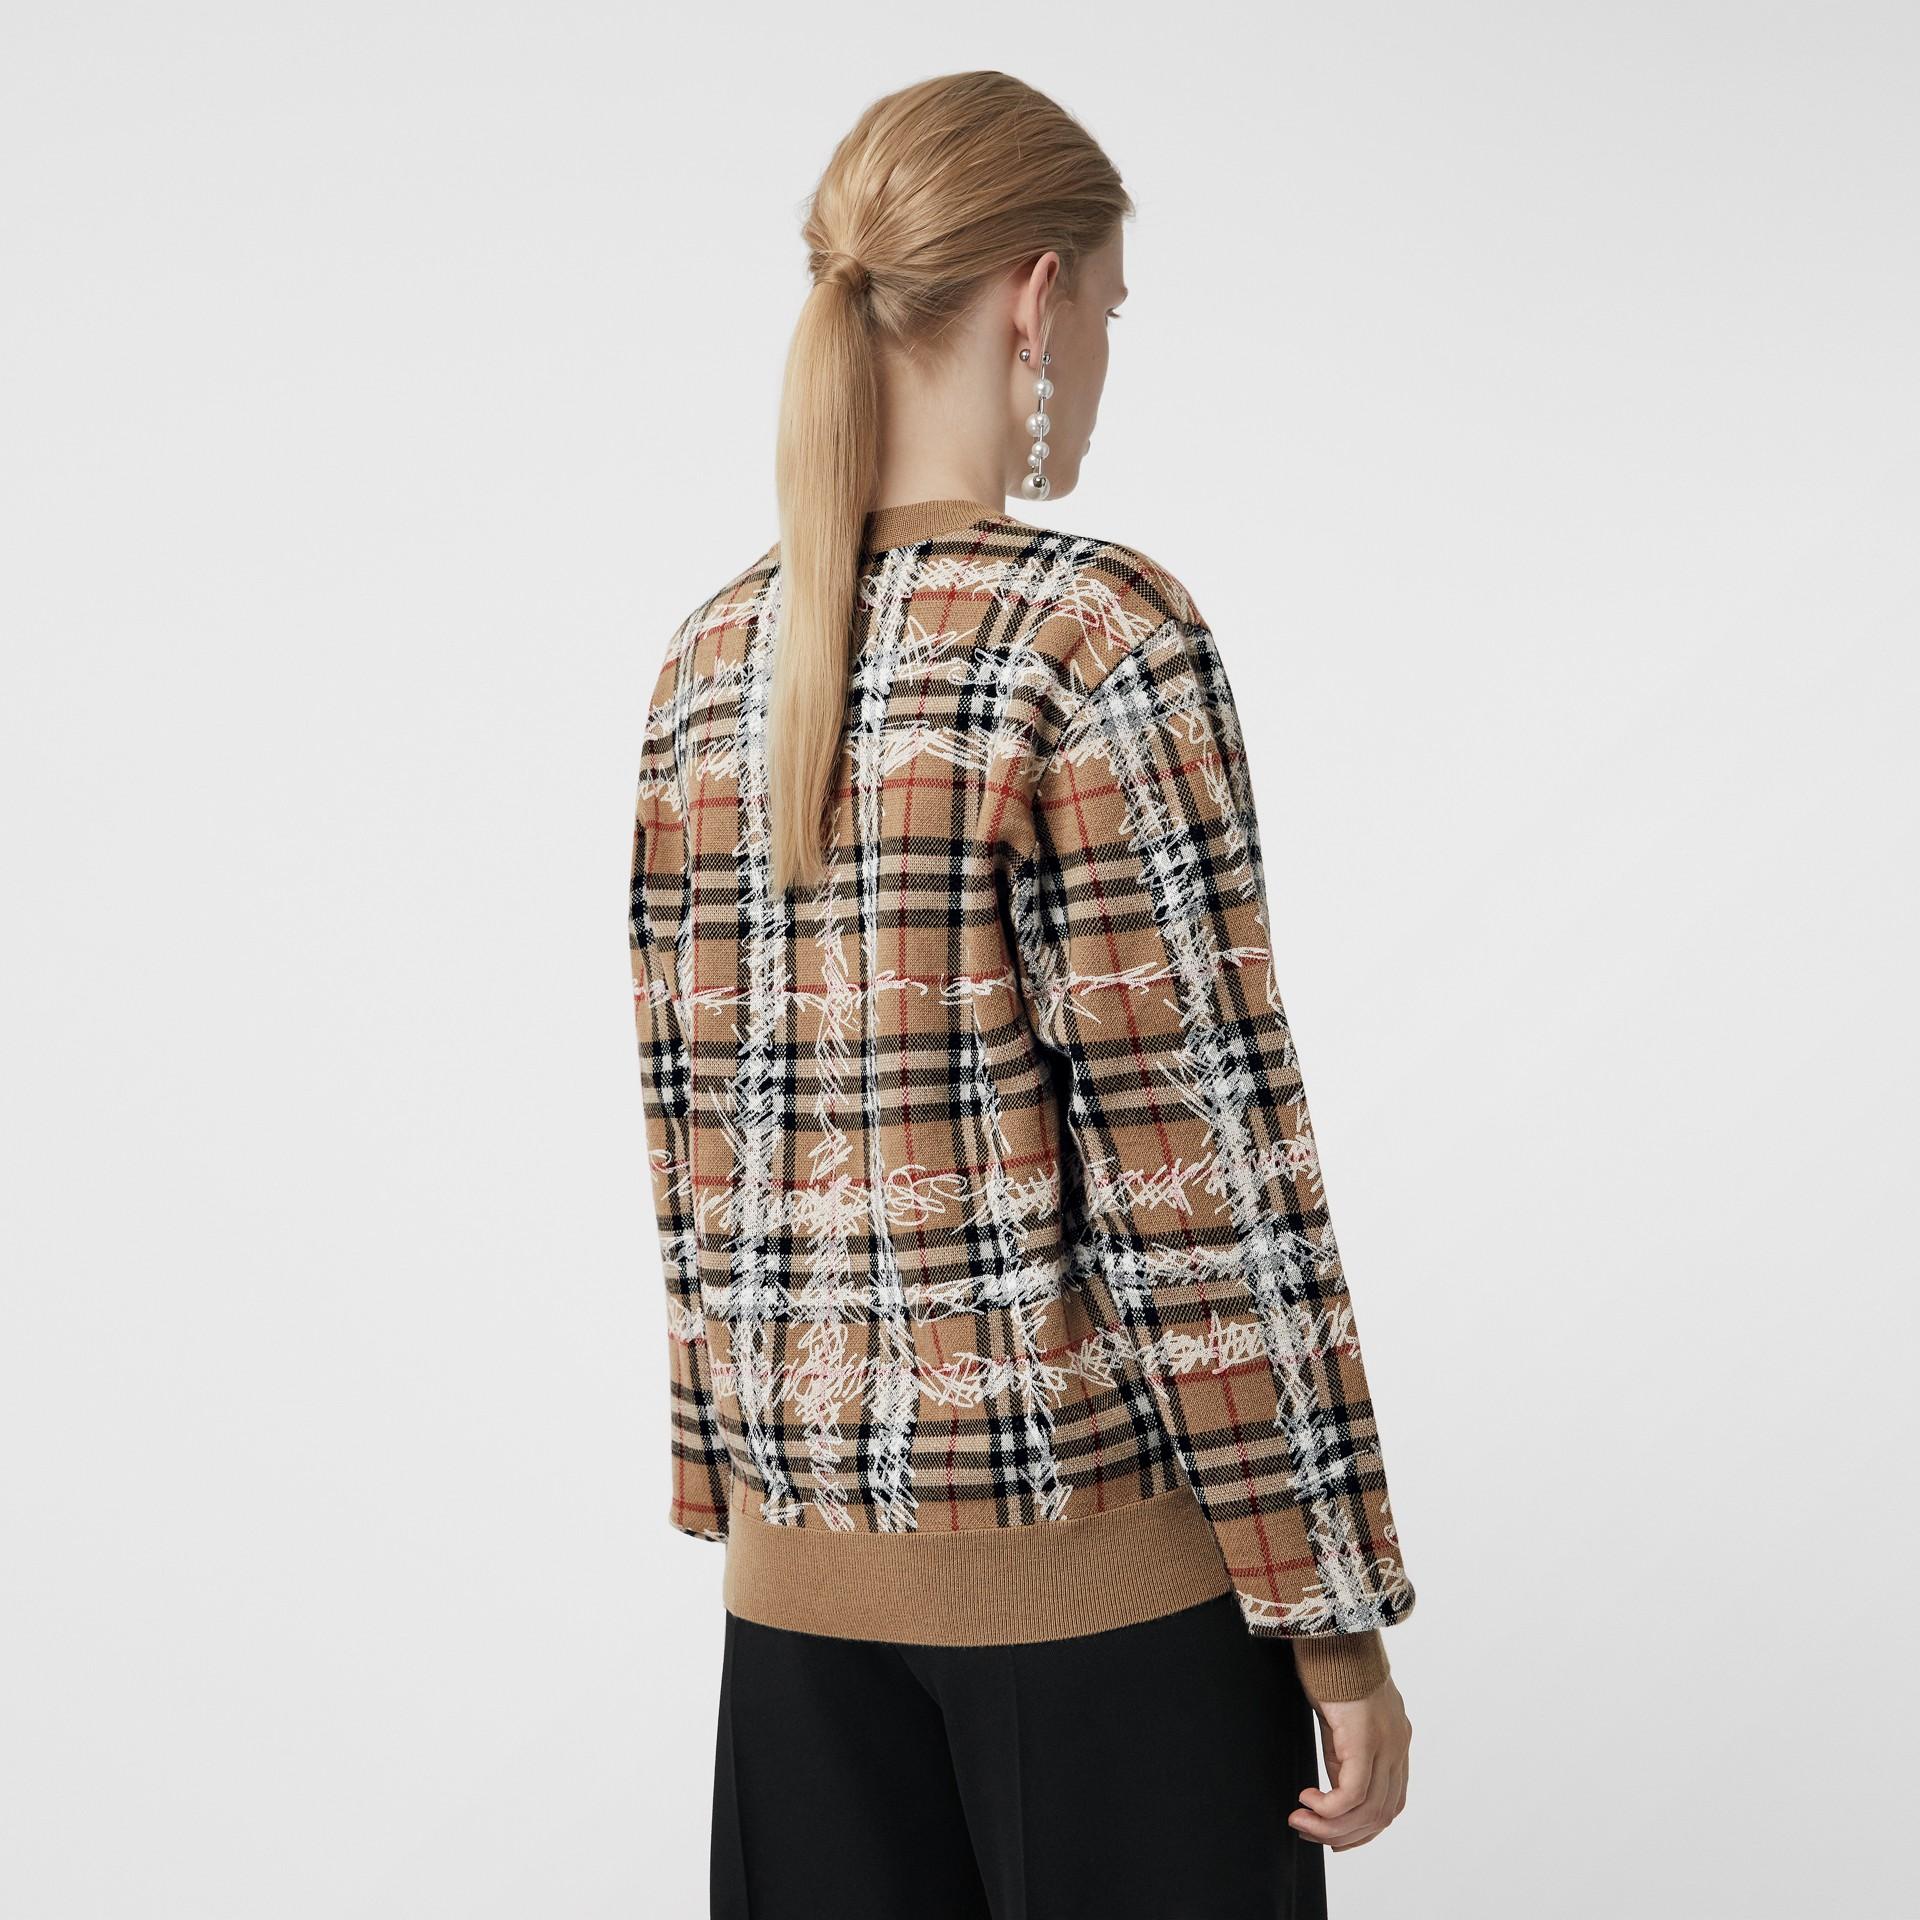 Pull en laine mérinos à motif check griffonné (Camel/blanc) - Femme | Burberry Canada - photo de la galerie 2